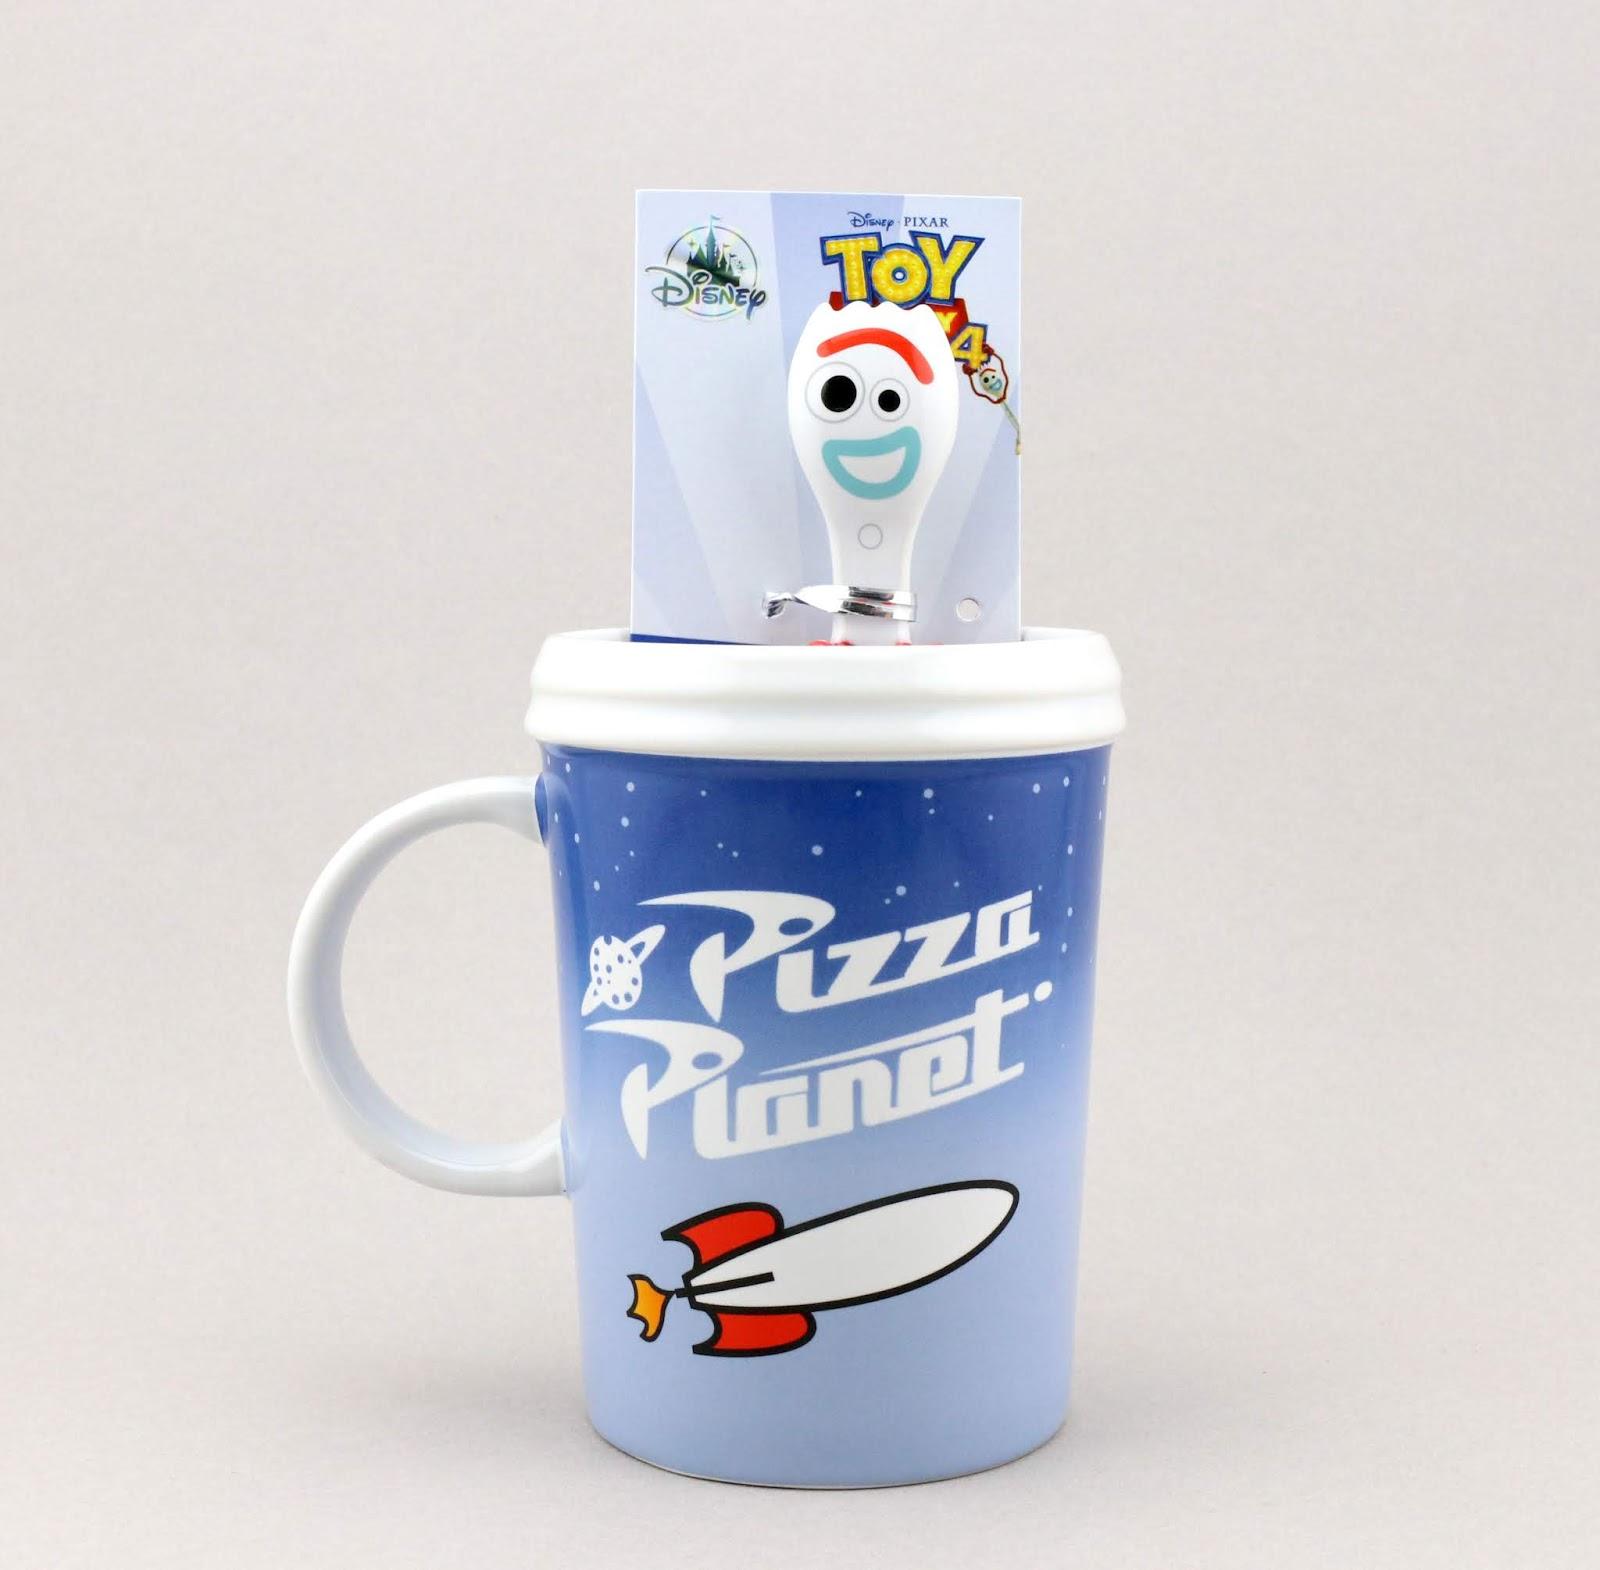 toy story 4 forky mug